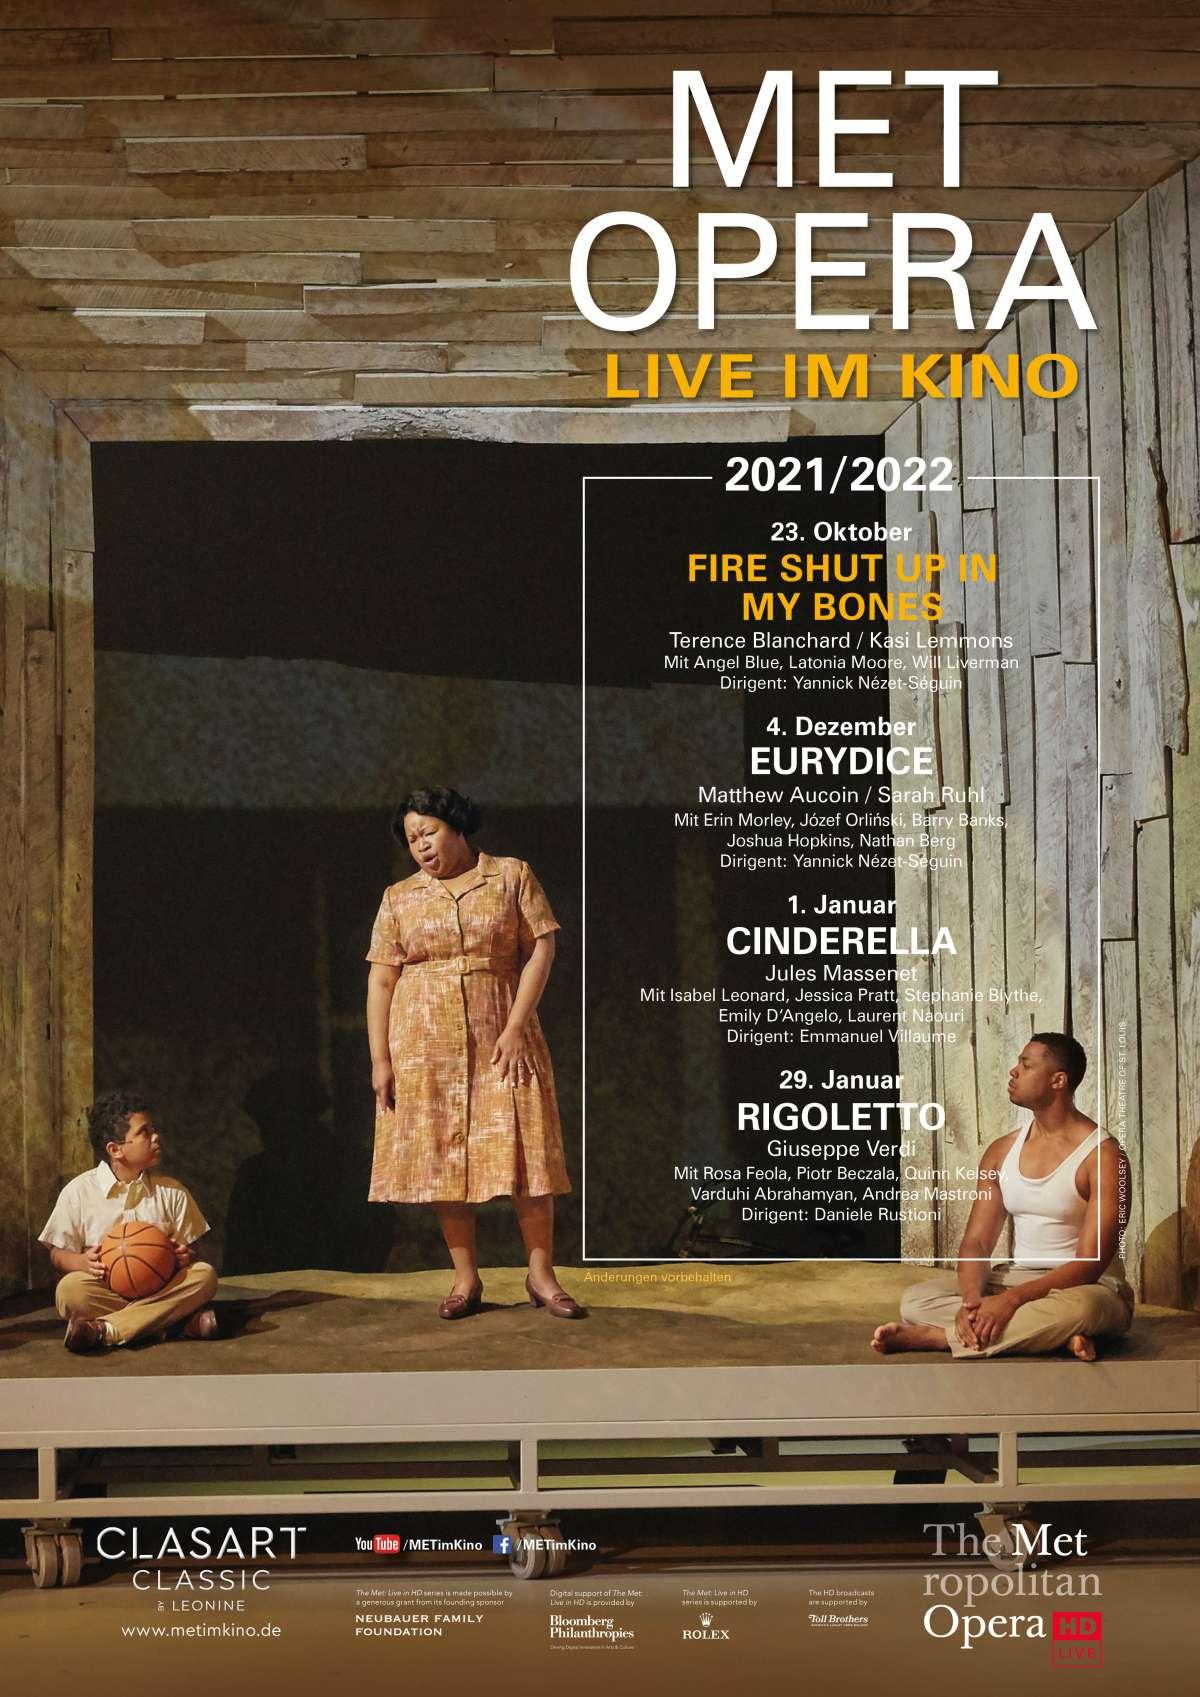 Met Opera: Fire Shut Up In My Bones (Terence Blanchard)